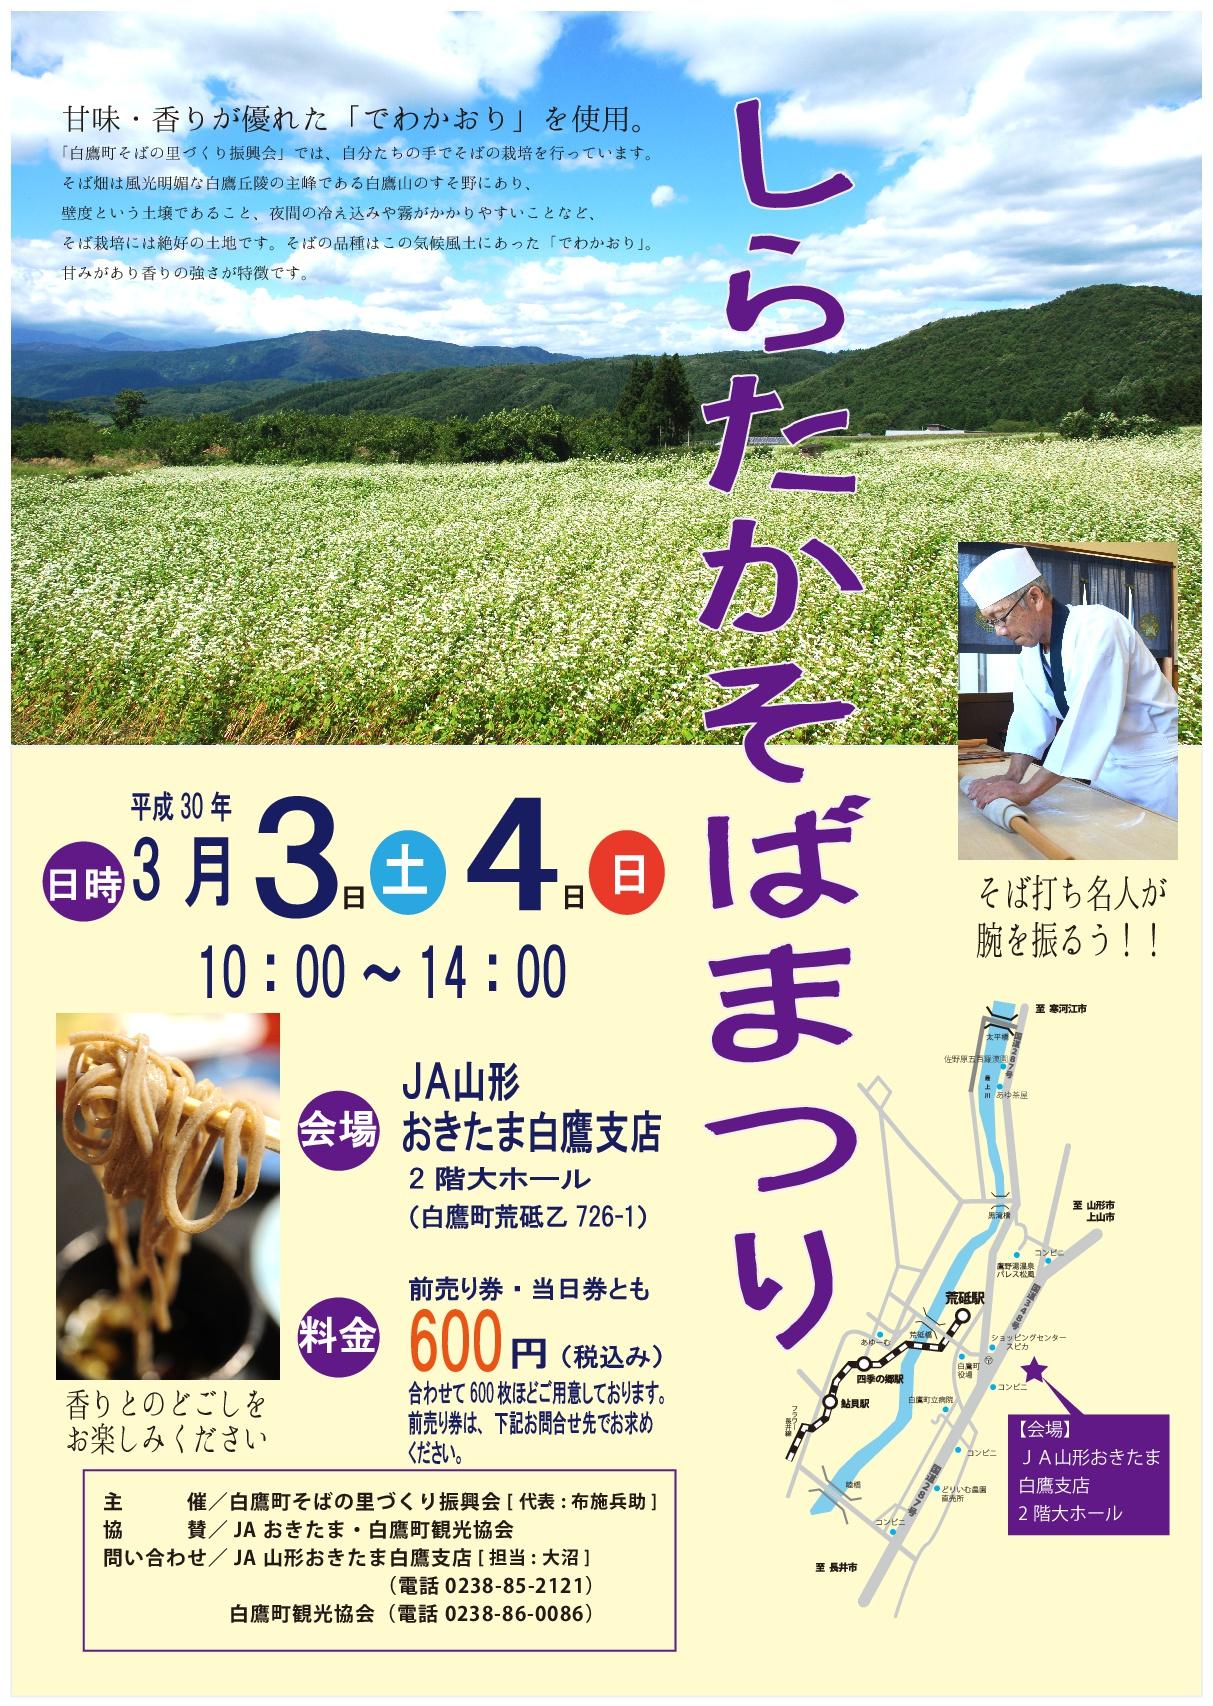 shiratakasobamatsuri: Image